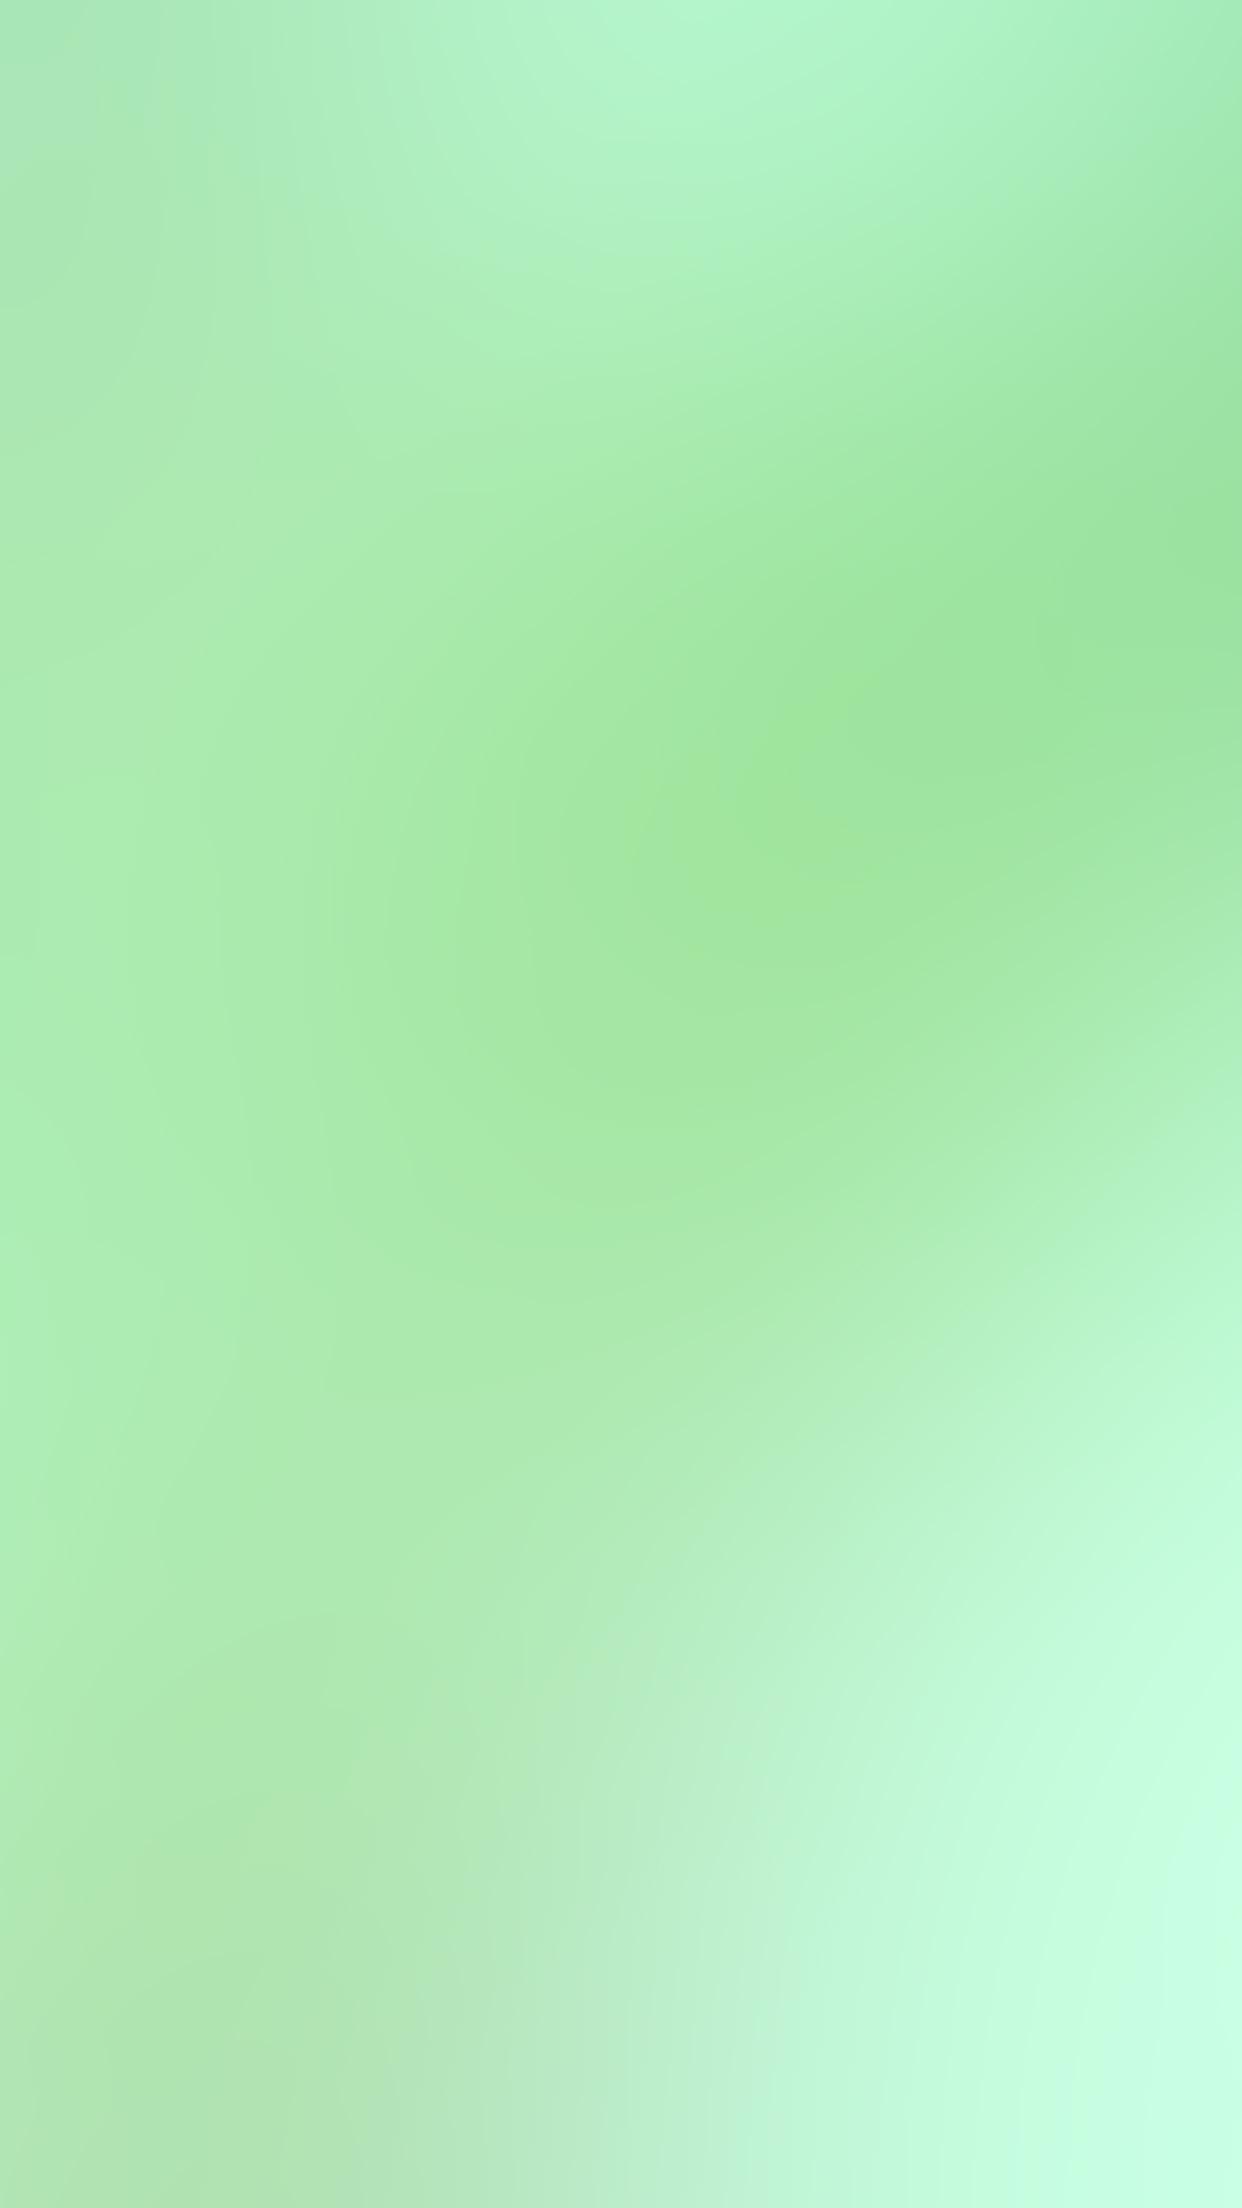 apple ios 6 download ipad 2